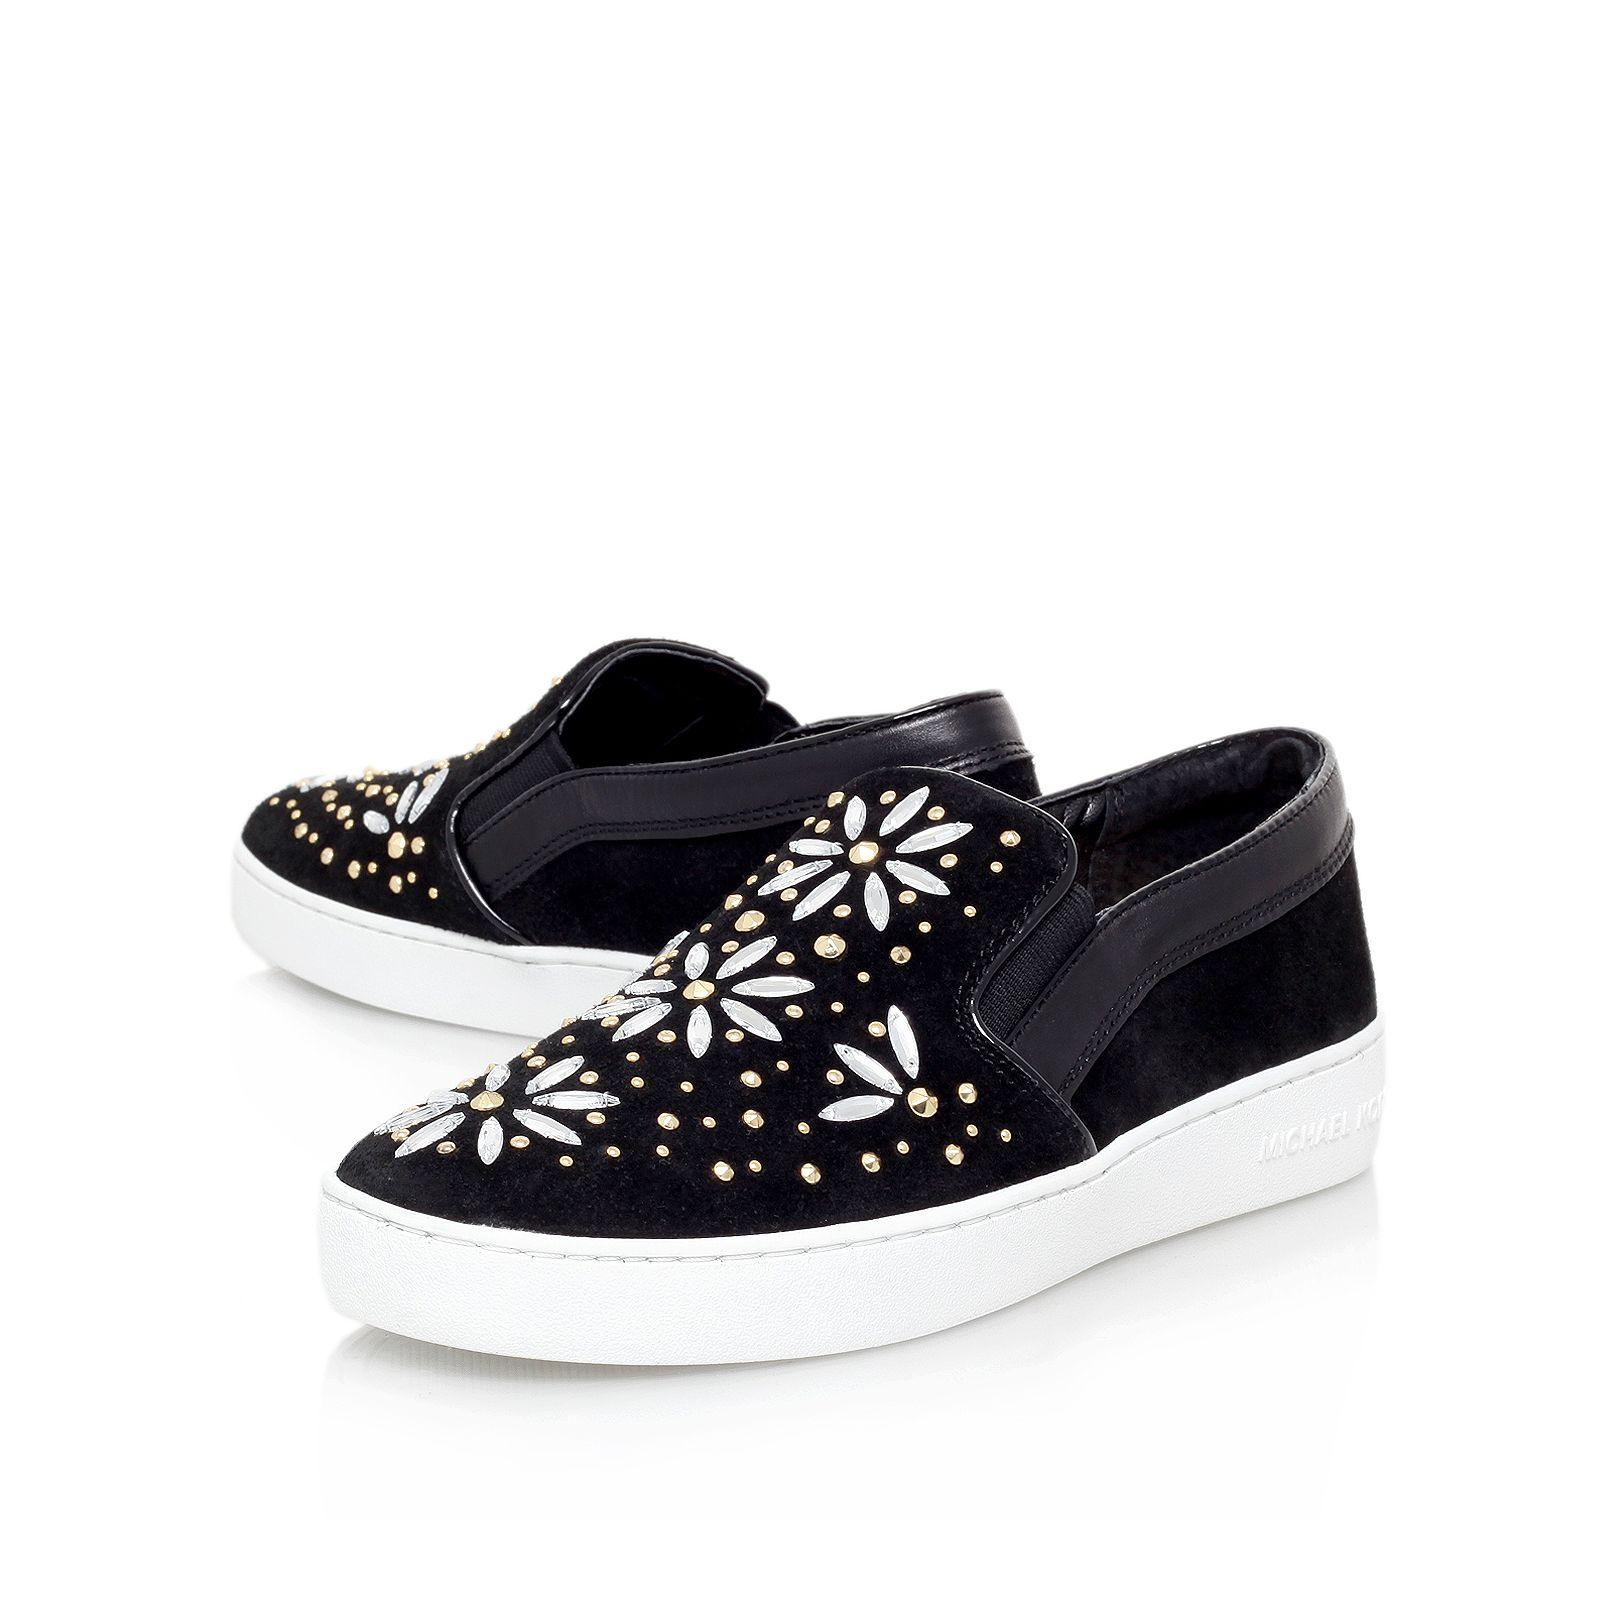 michael kors nadine slip on shoes in black lyst